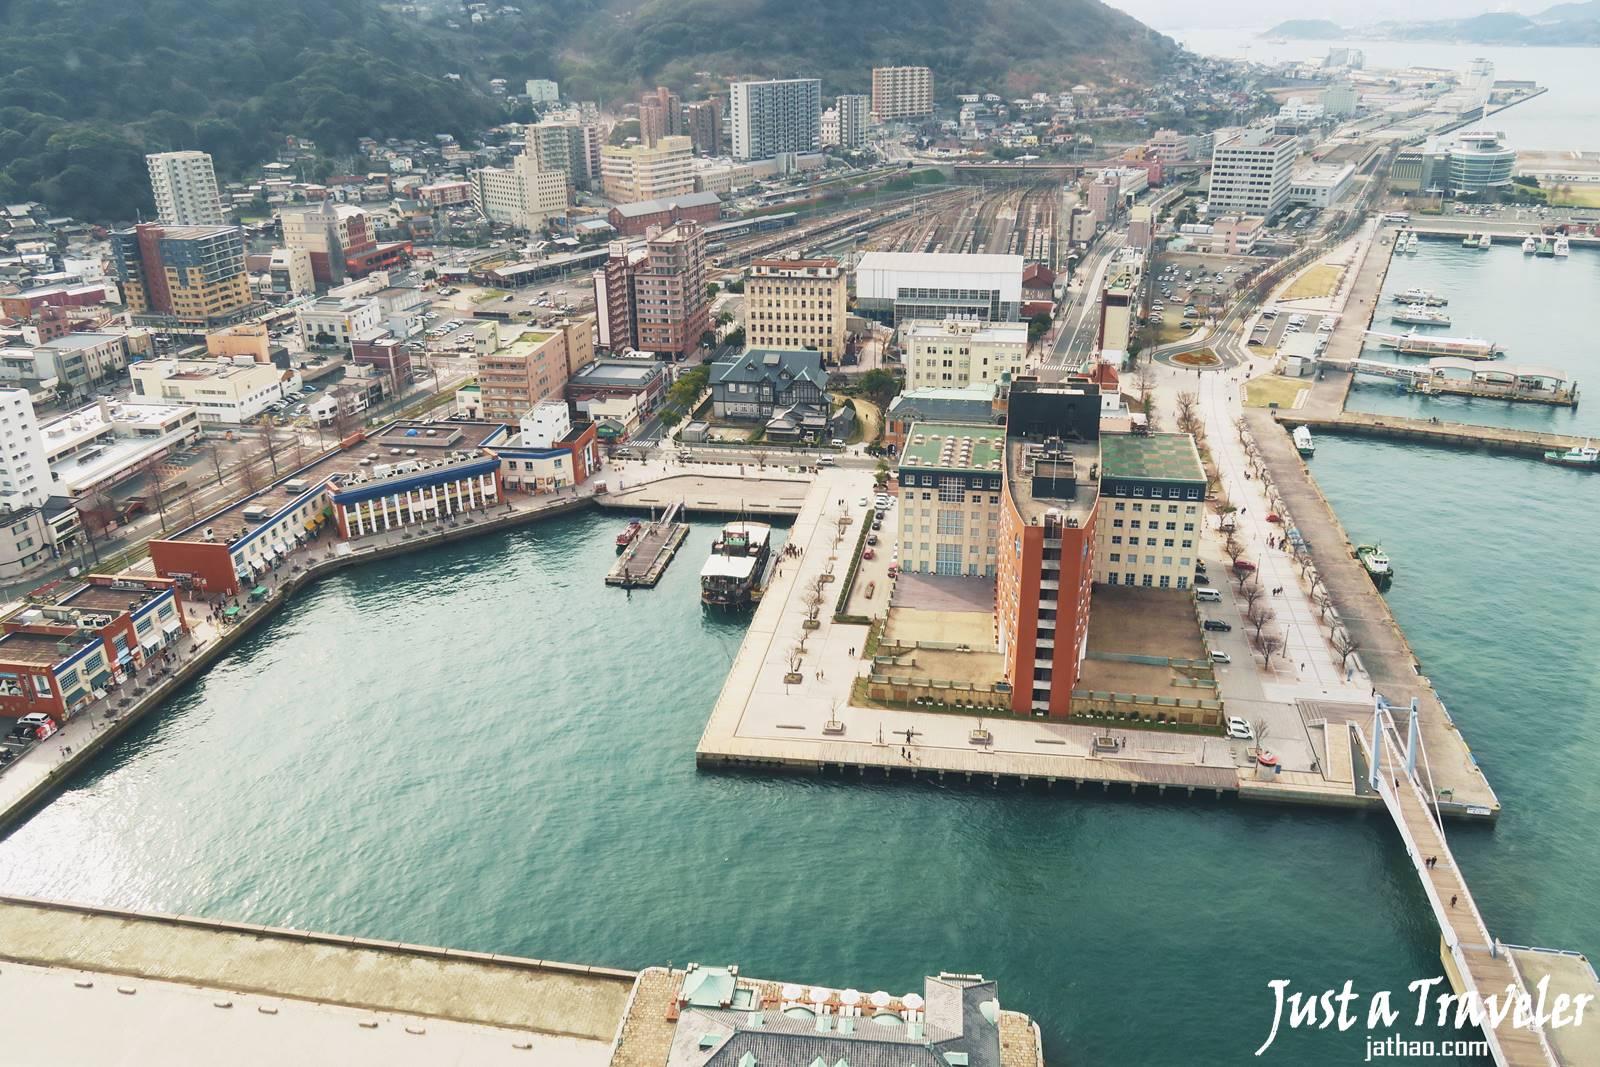 福岡-景點-推薦-門司港-福岡好玩景點-福岡必玩景點-福岡必去景點-福岡自由行景點-攻略-市區-郊區-旅遊-行程-Fukuoka-Tourist-Attraction